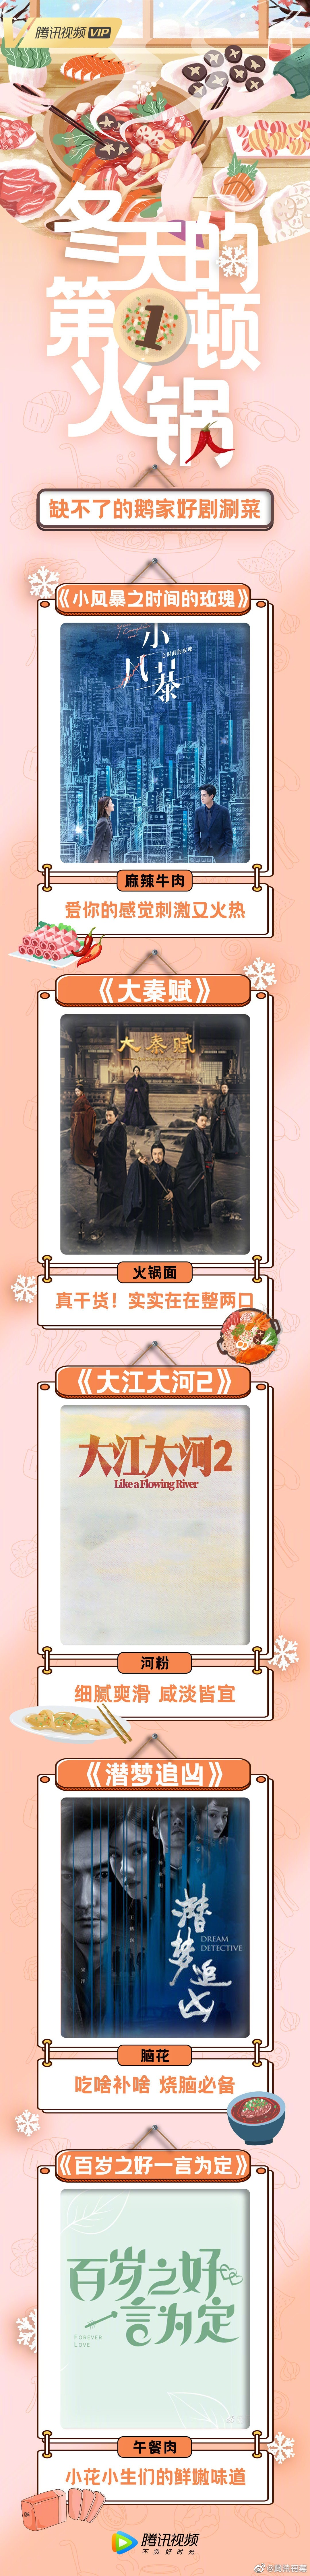 腾讯视频12月备播新剧